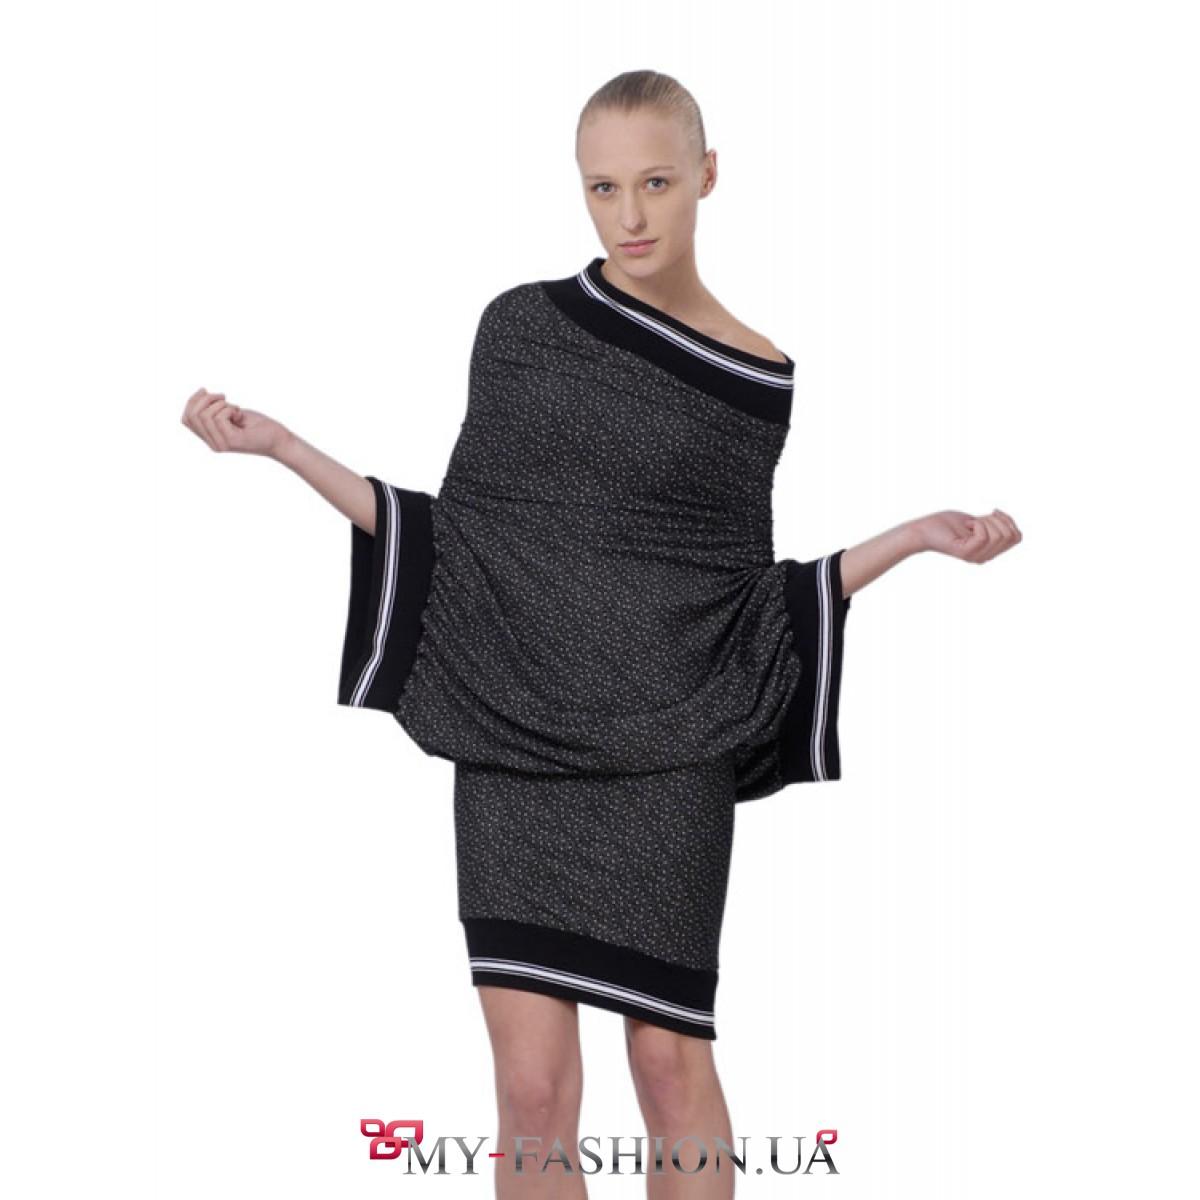 Интернет магазин одежды туника с доставкой